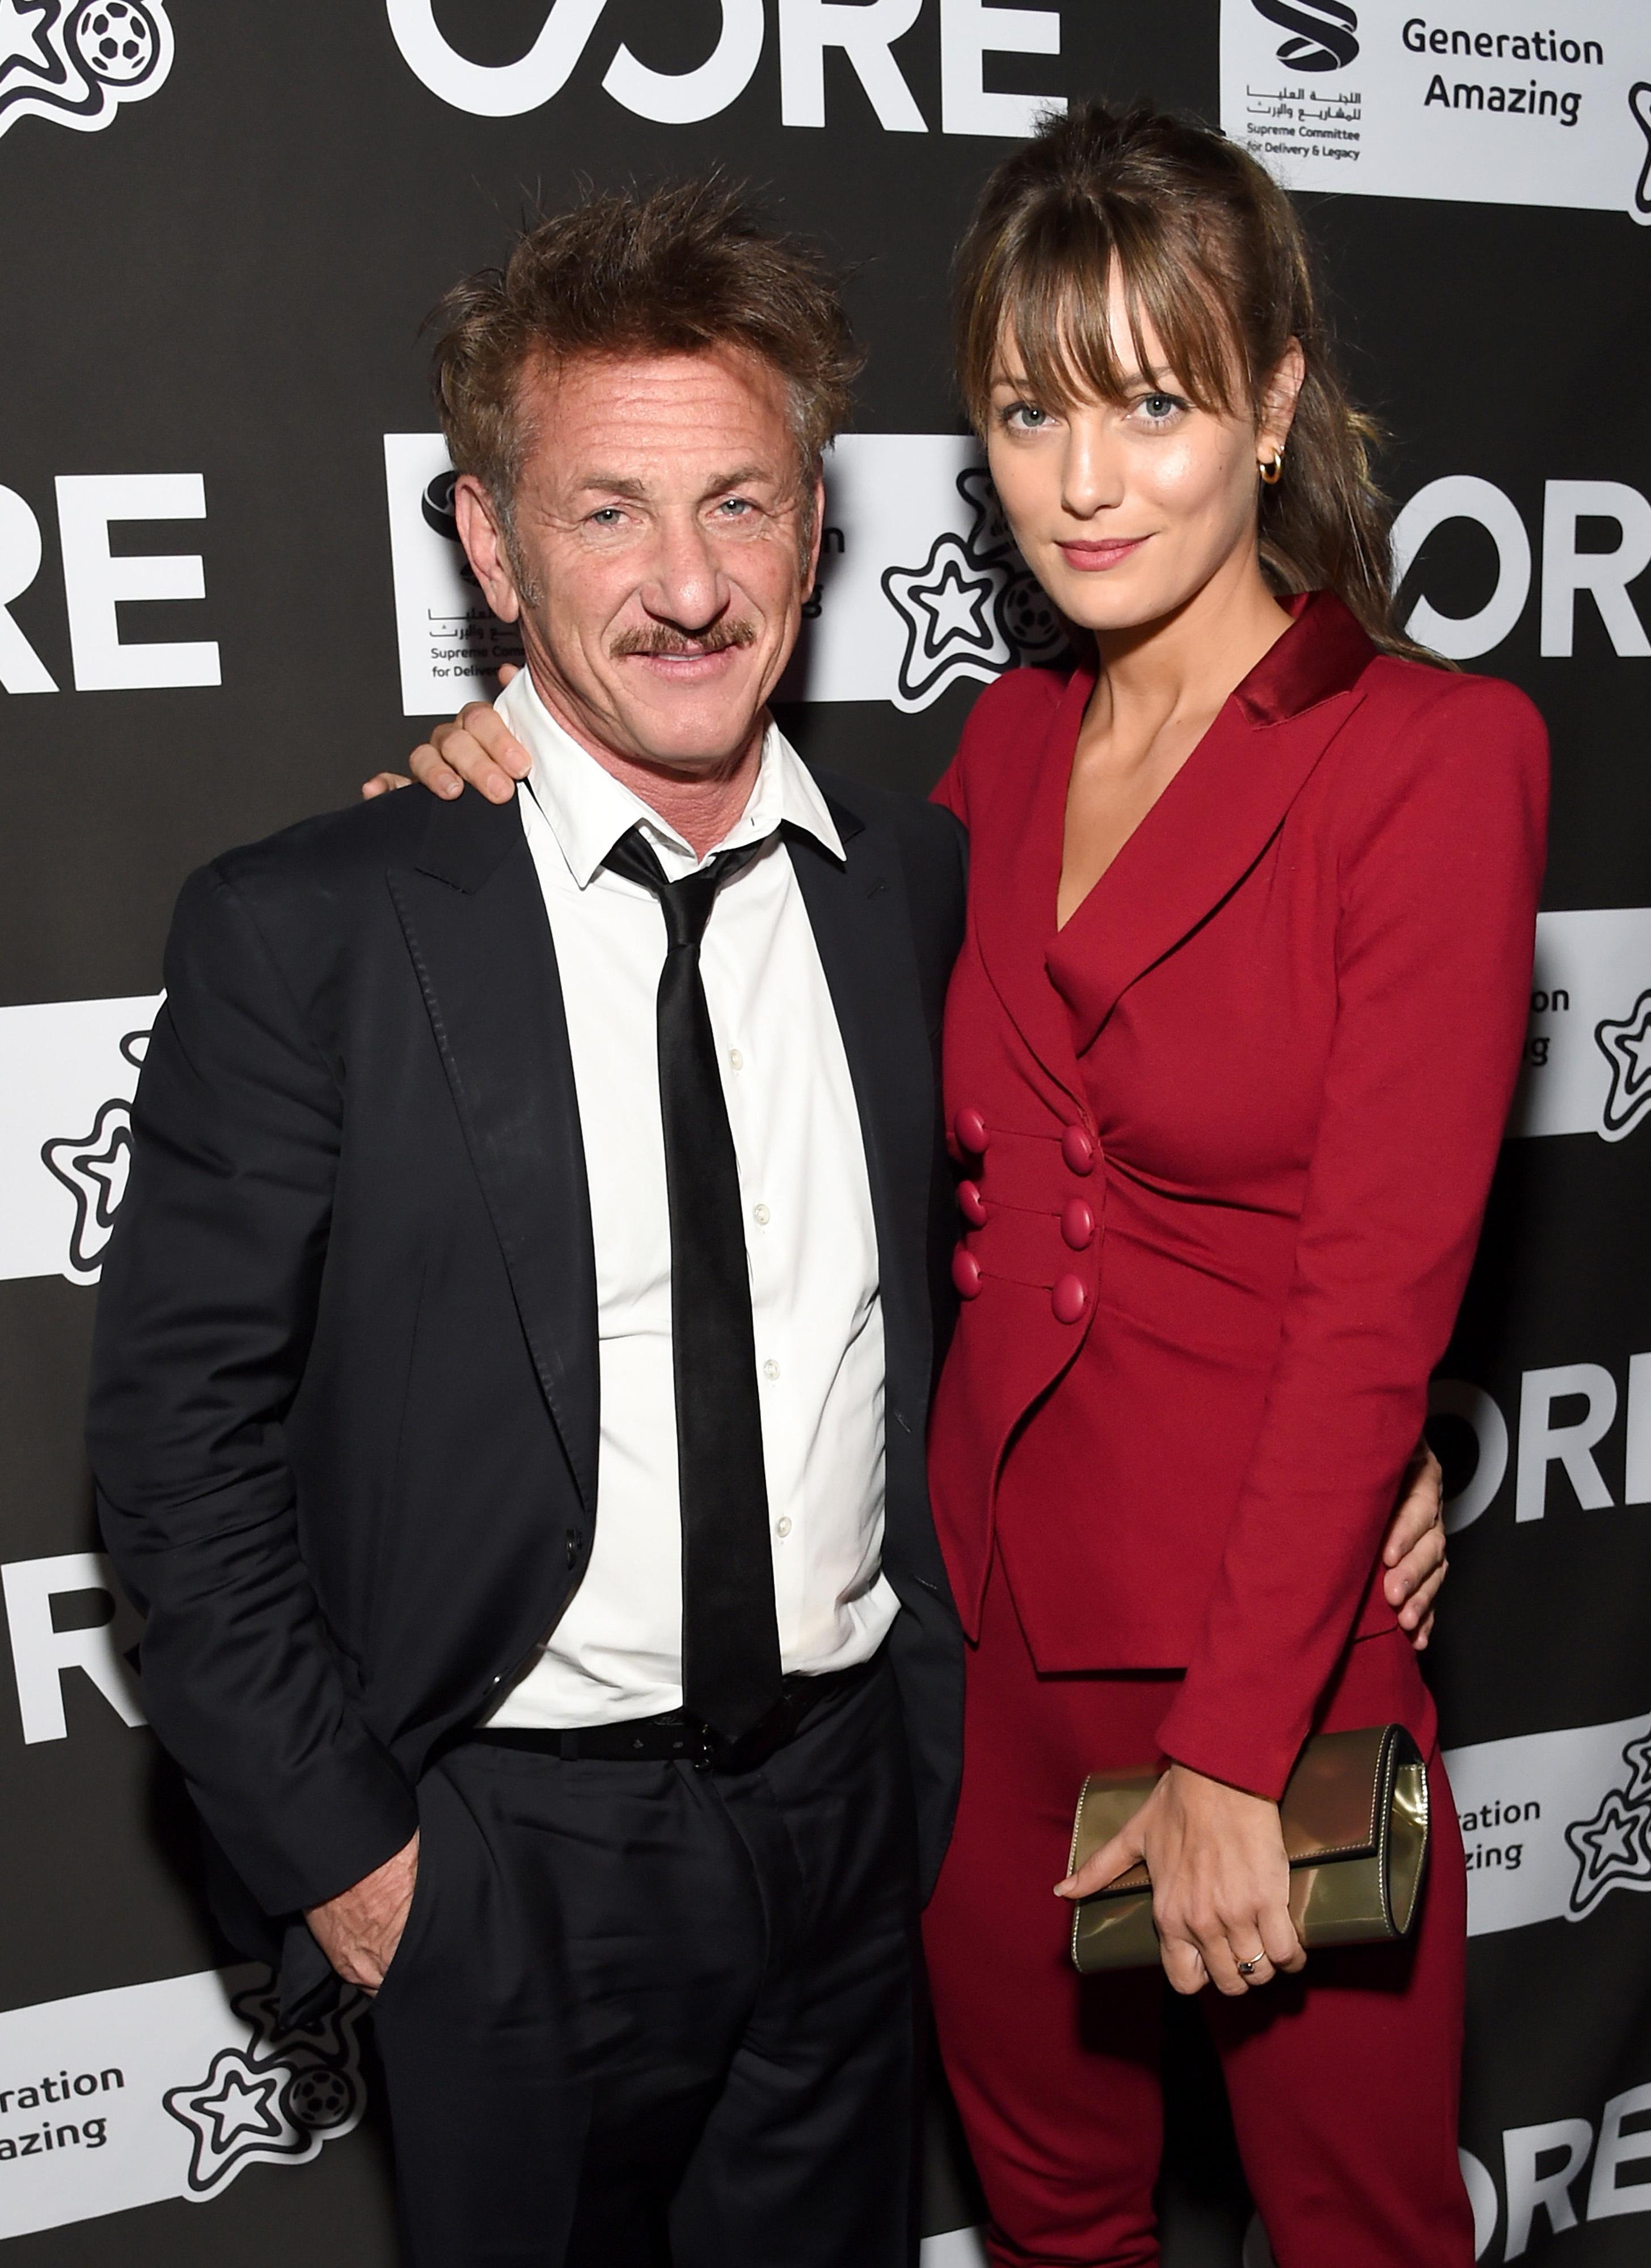 Sean Penn, 59, looks smitten with girlfriend Leila George